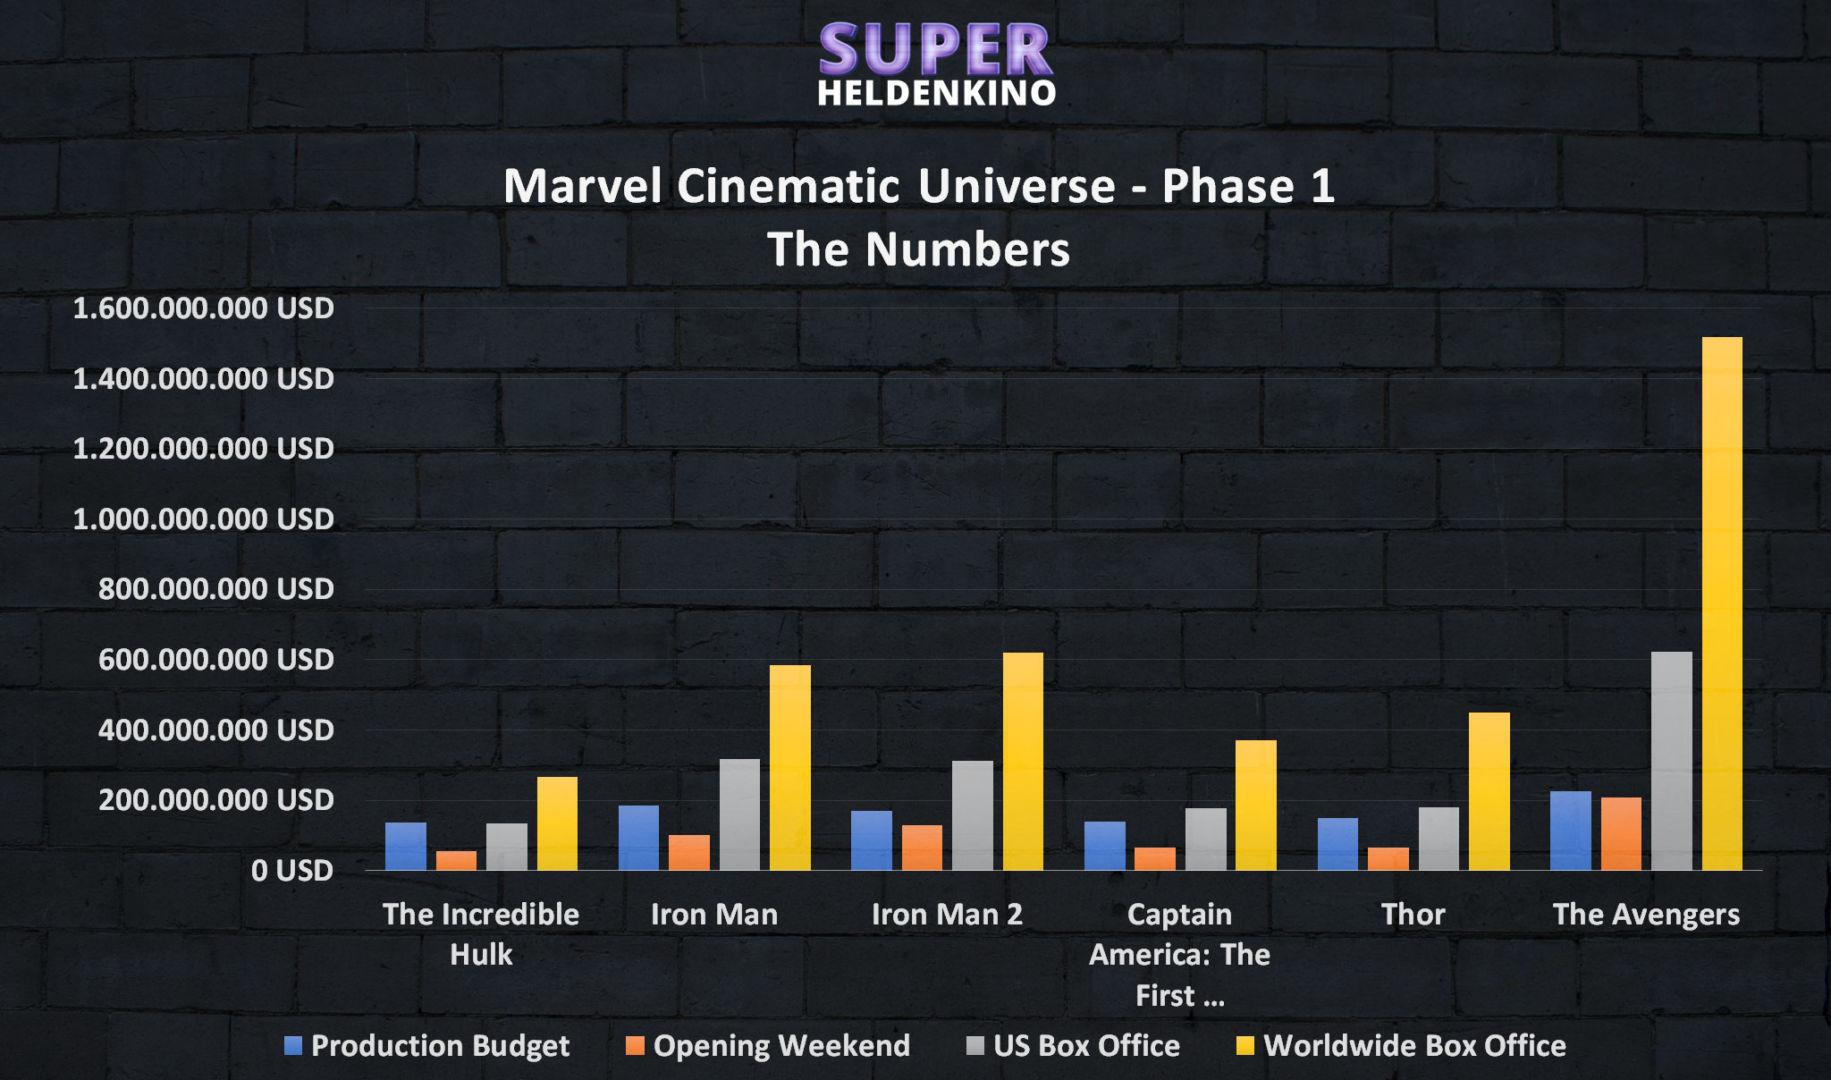 Marvel Cinematic Universe Phase 1 Info Grafik - Alle Marvel Filme der Phase 1 in der Reihenfolge